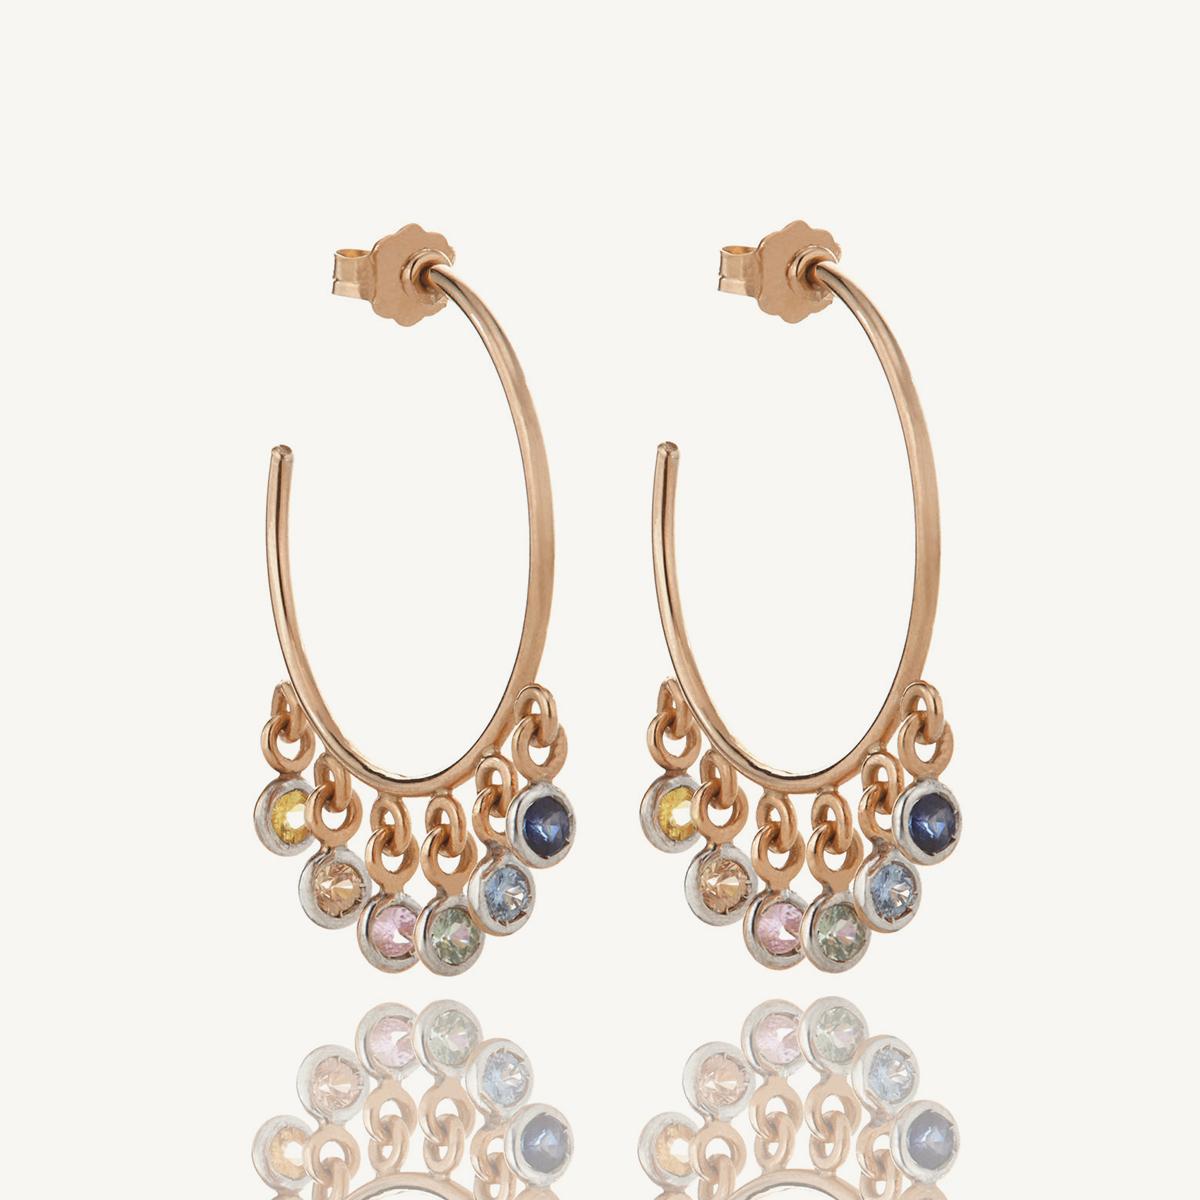 Earrings Hoola Hoops in rose gold (SM)